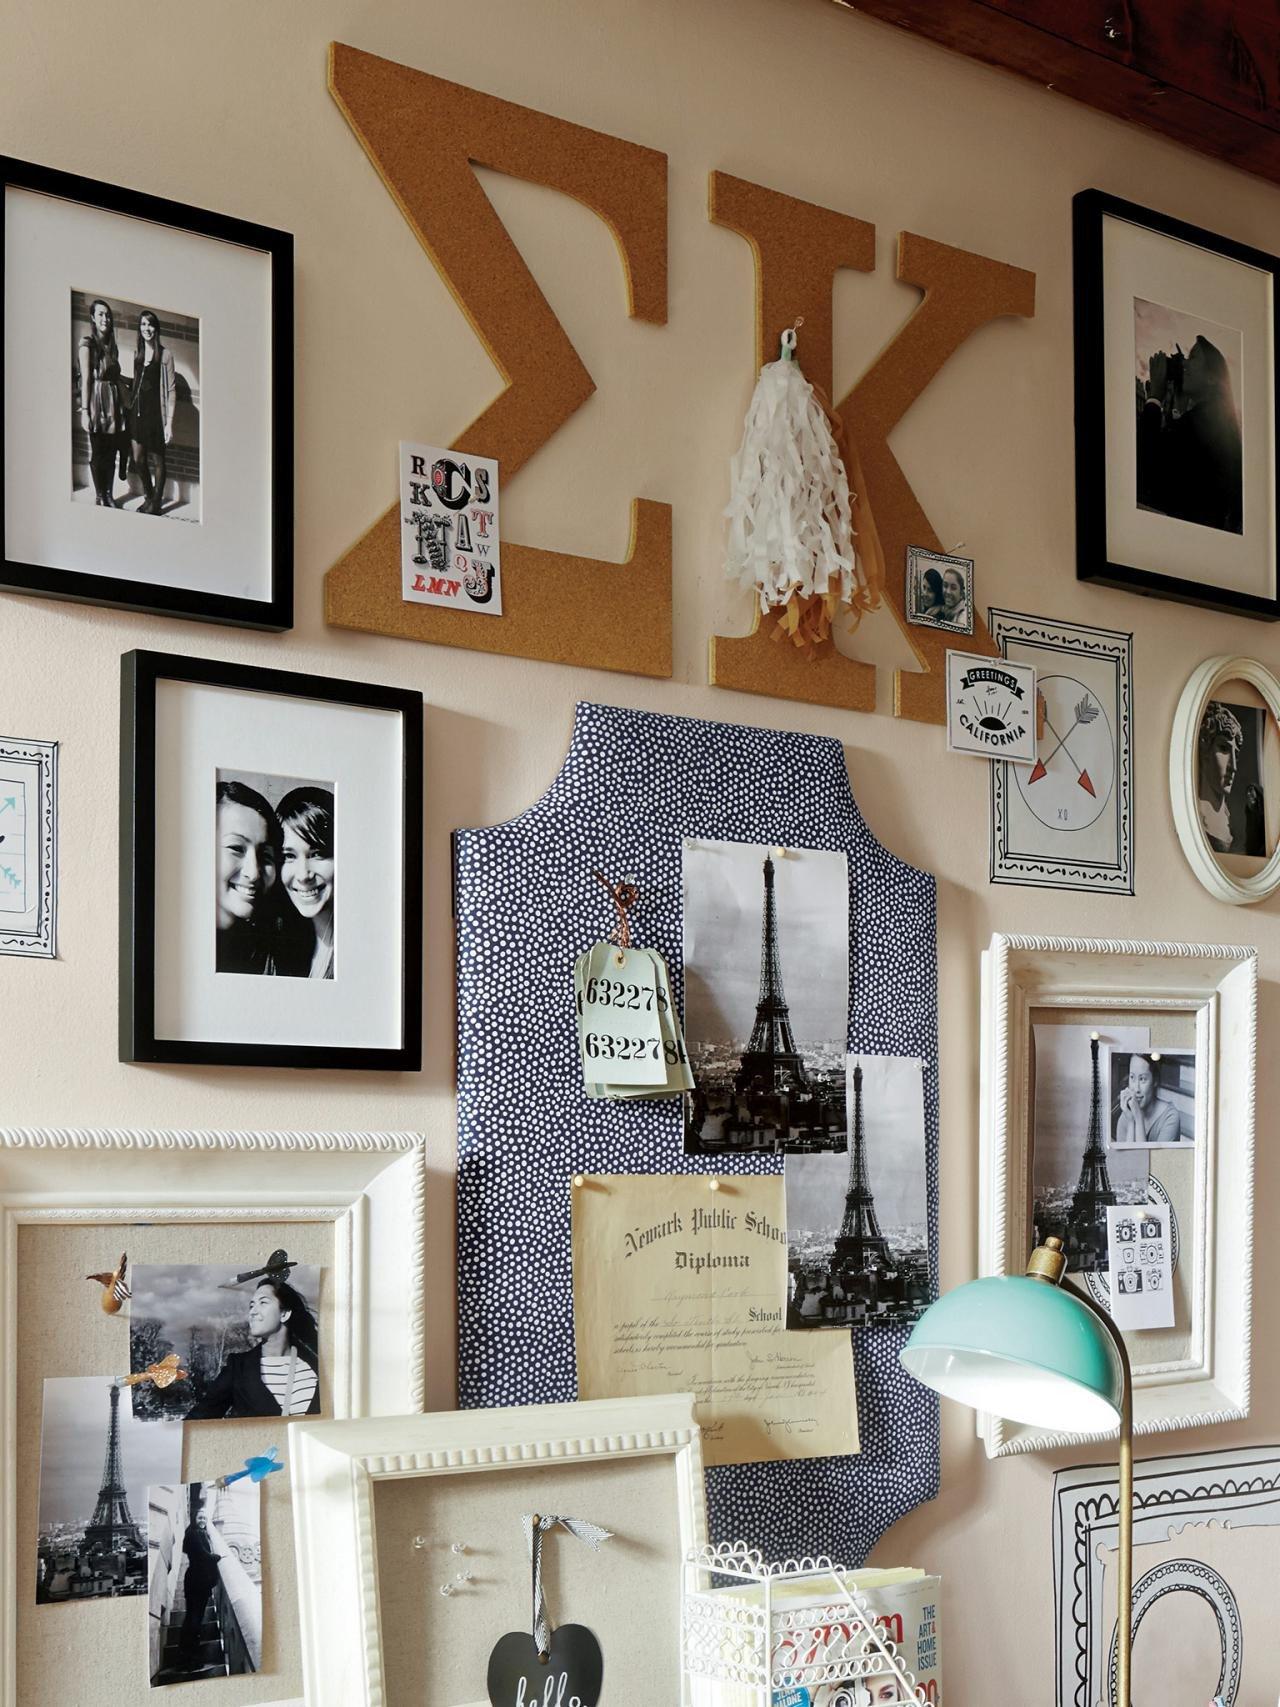 Wall Decor for Dorm Rooms Unique Dorm Room Decorating Ideas & Decor Essentials